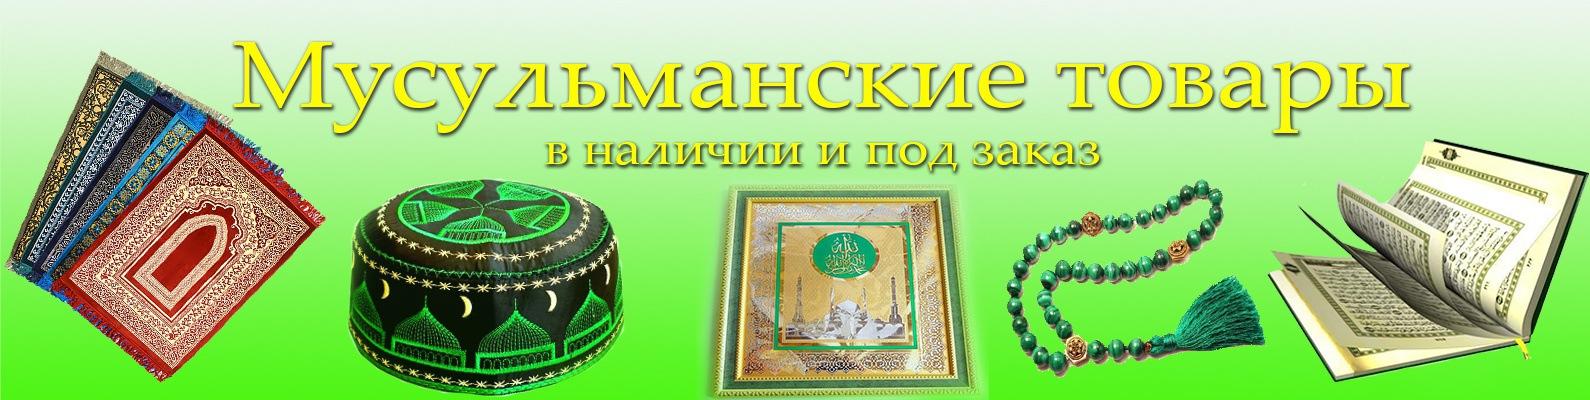 Мусульманские товары ля здоровья Тольятти